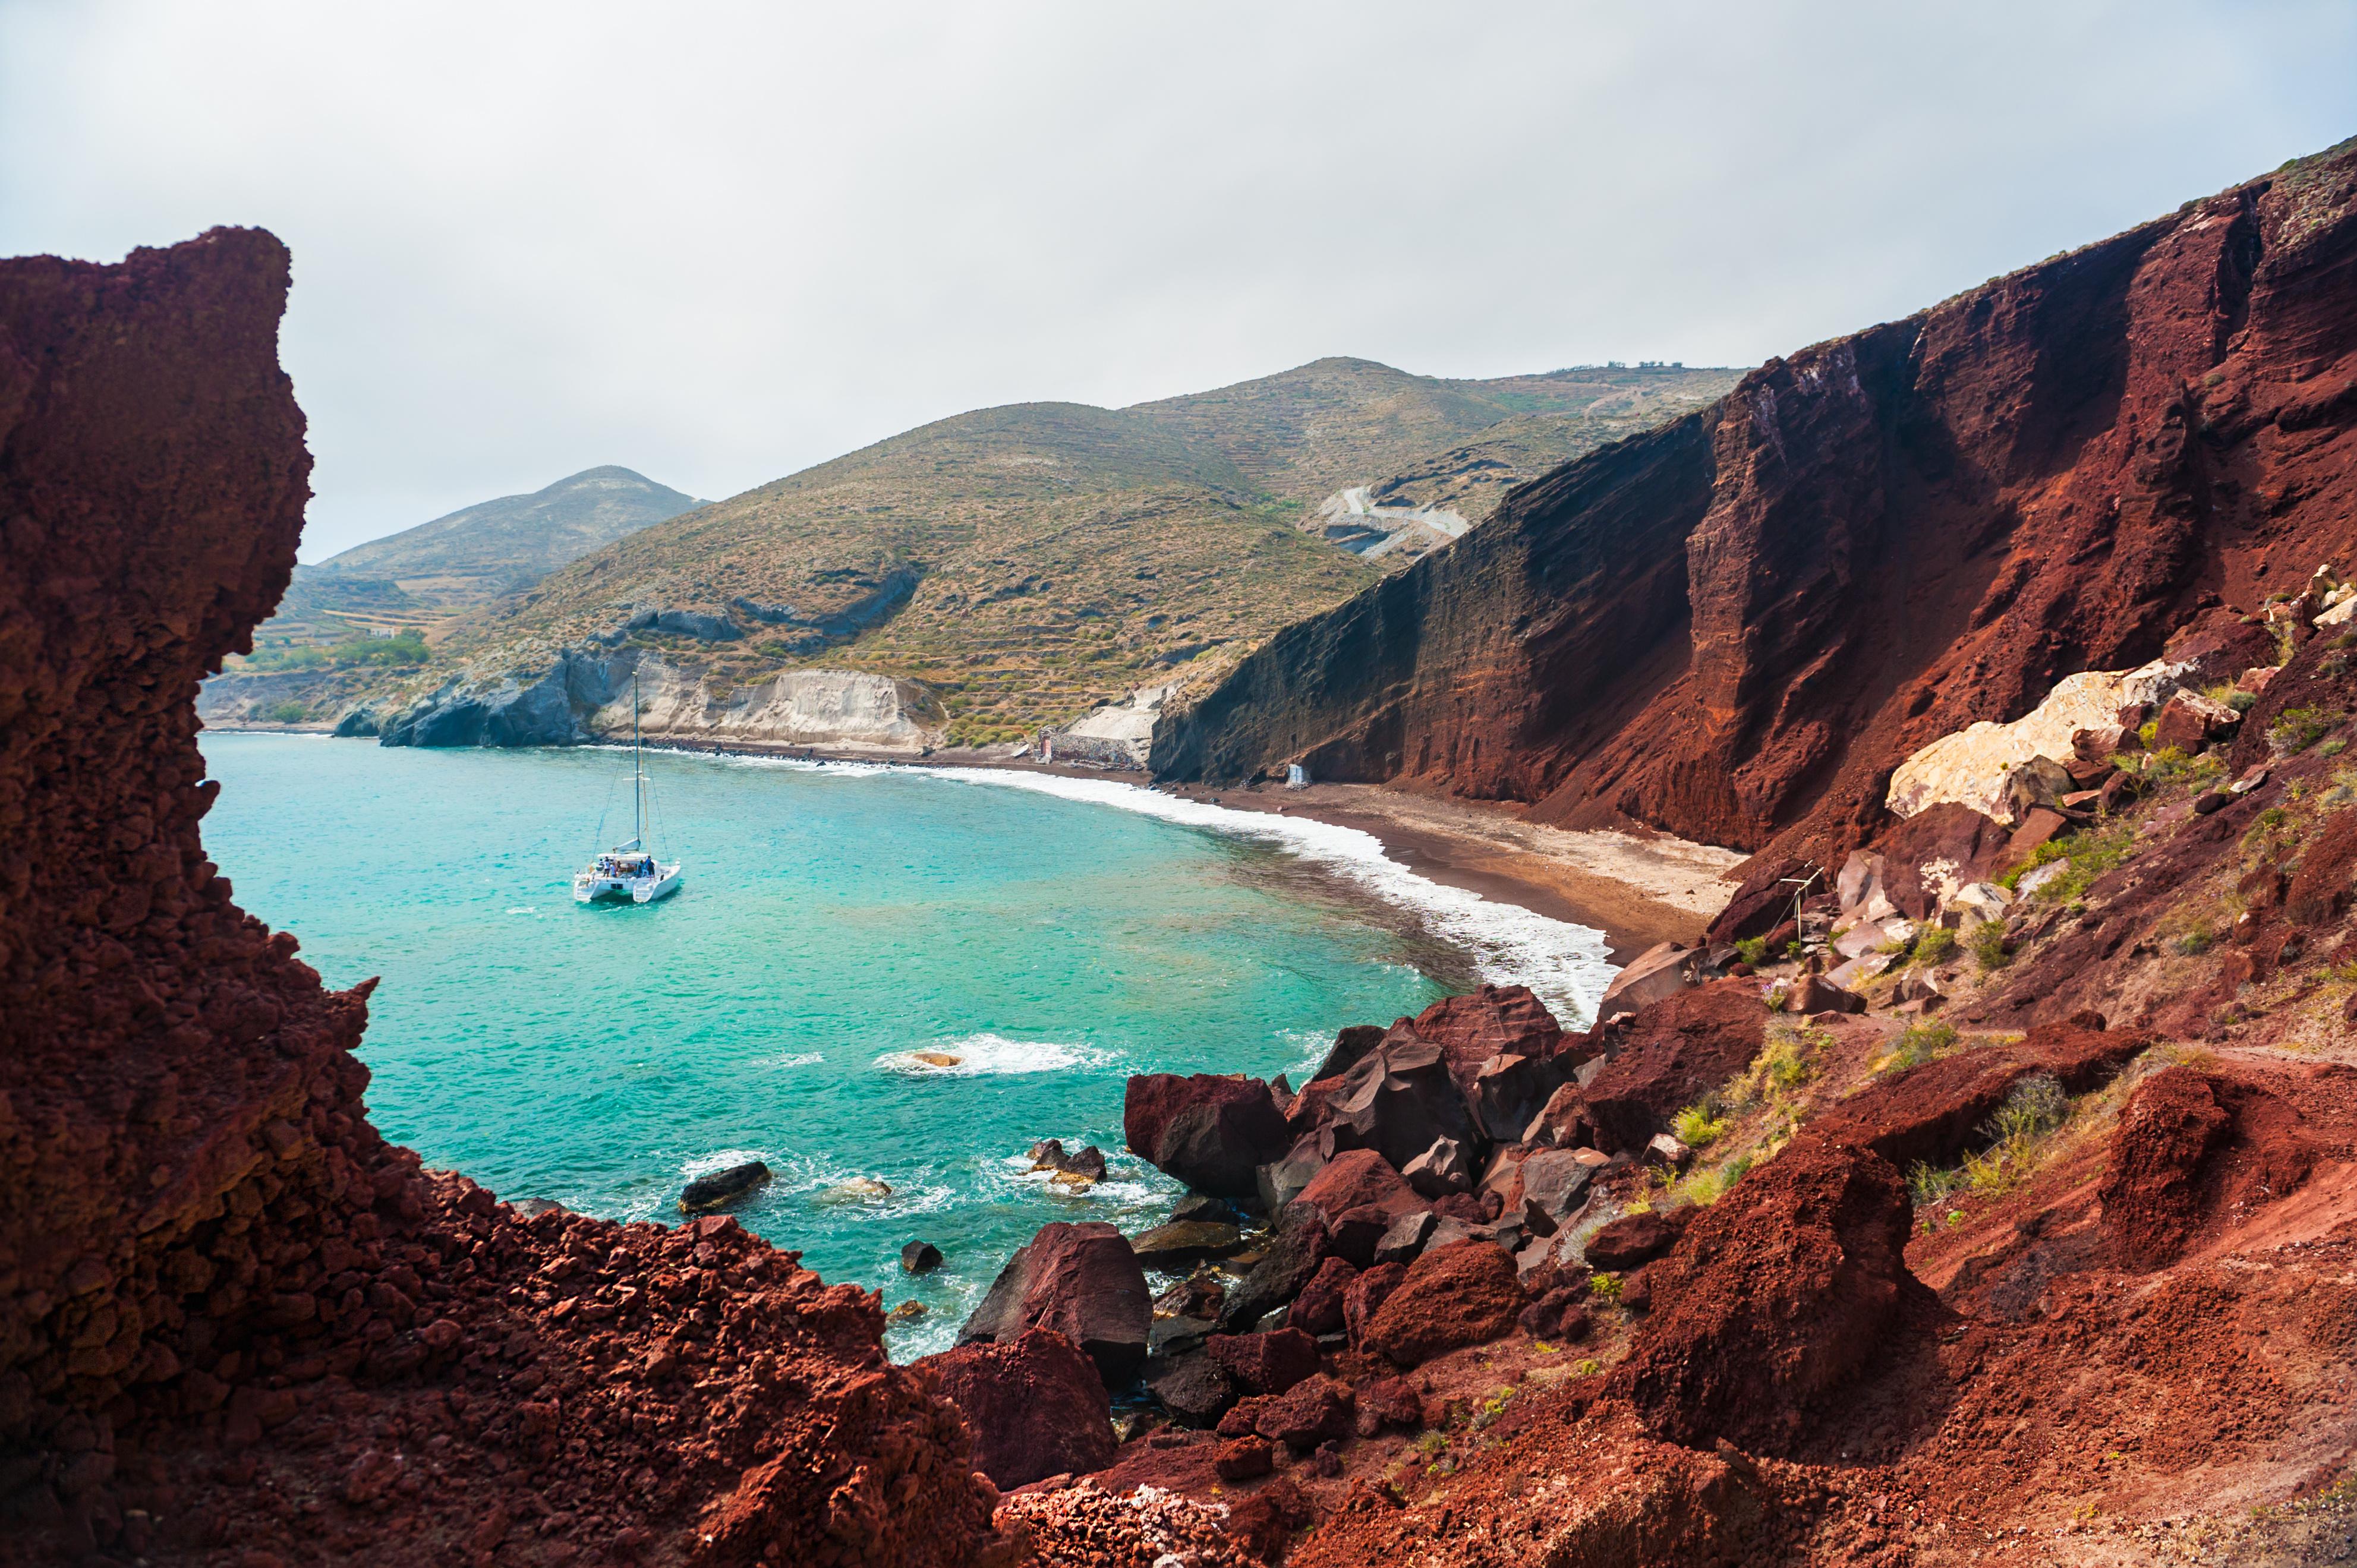 mooiste eilanden van griekenland